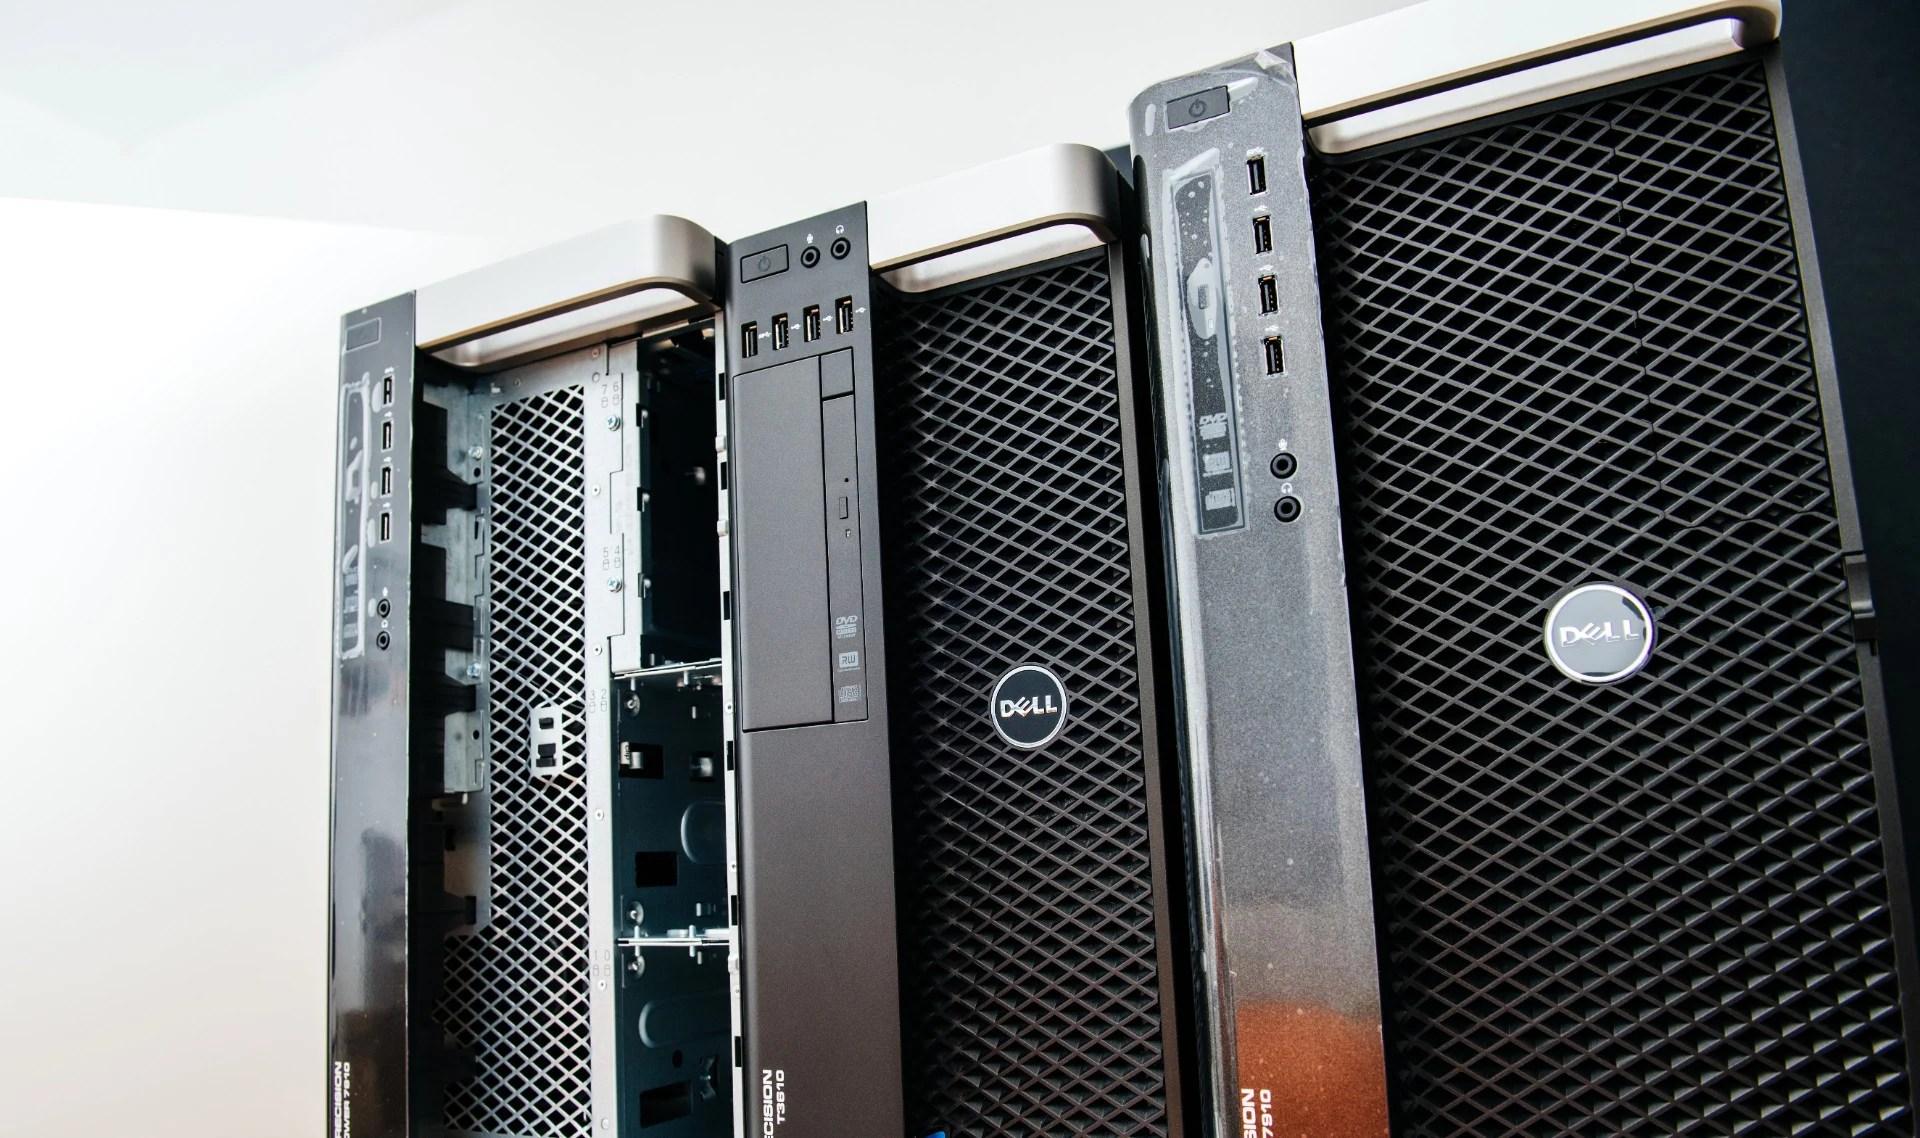 a tower server into a server rack